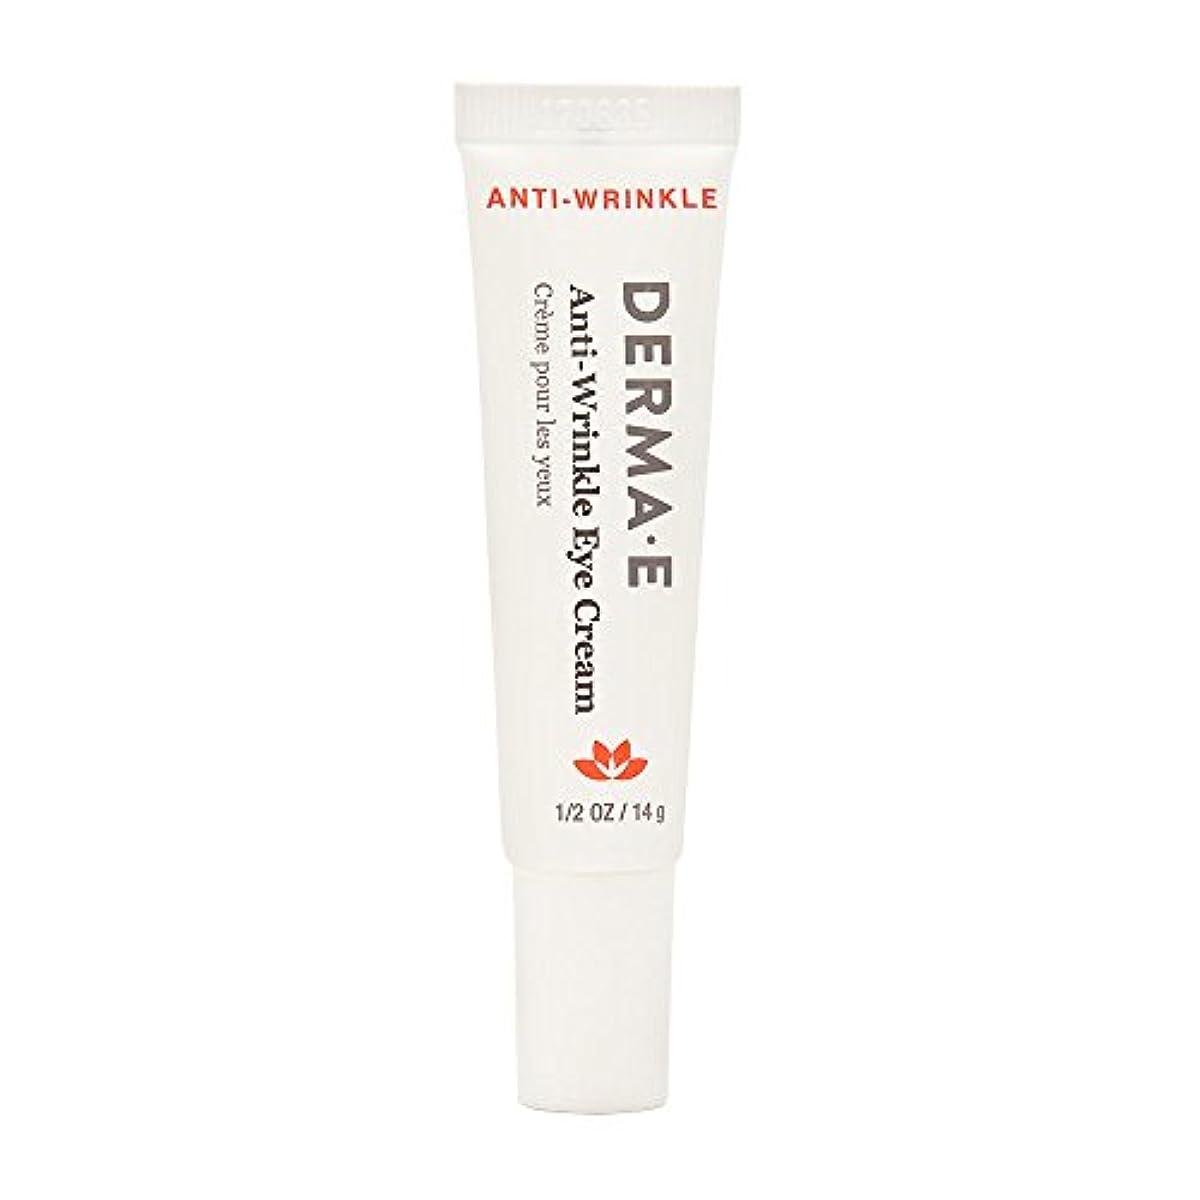 オーラルとげ危機Derma E Beauty - Anti-Wrinkle Eye Cream - 0.5oz / 14g